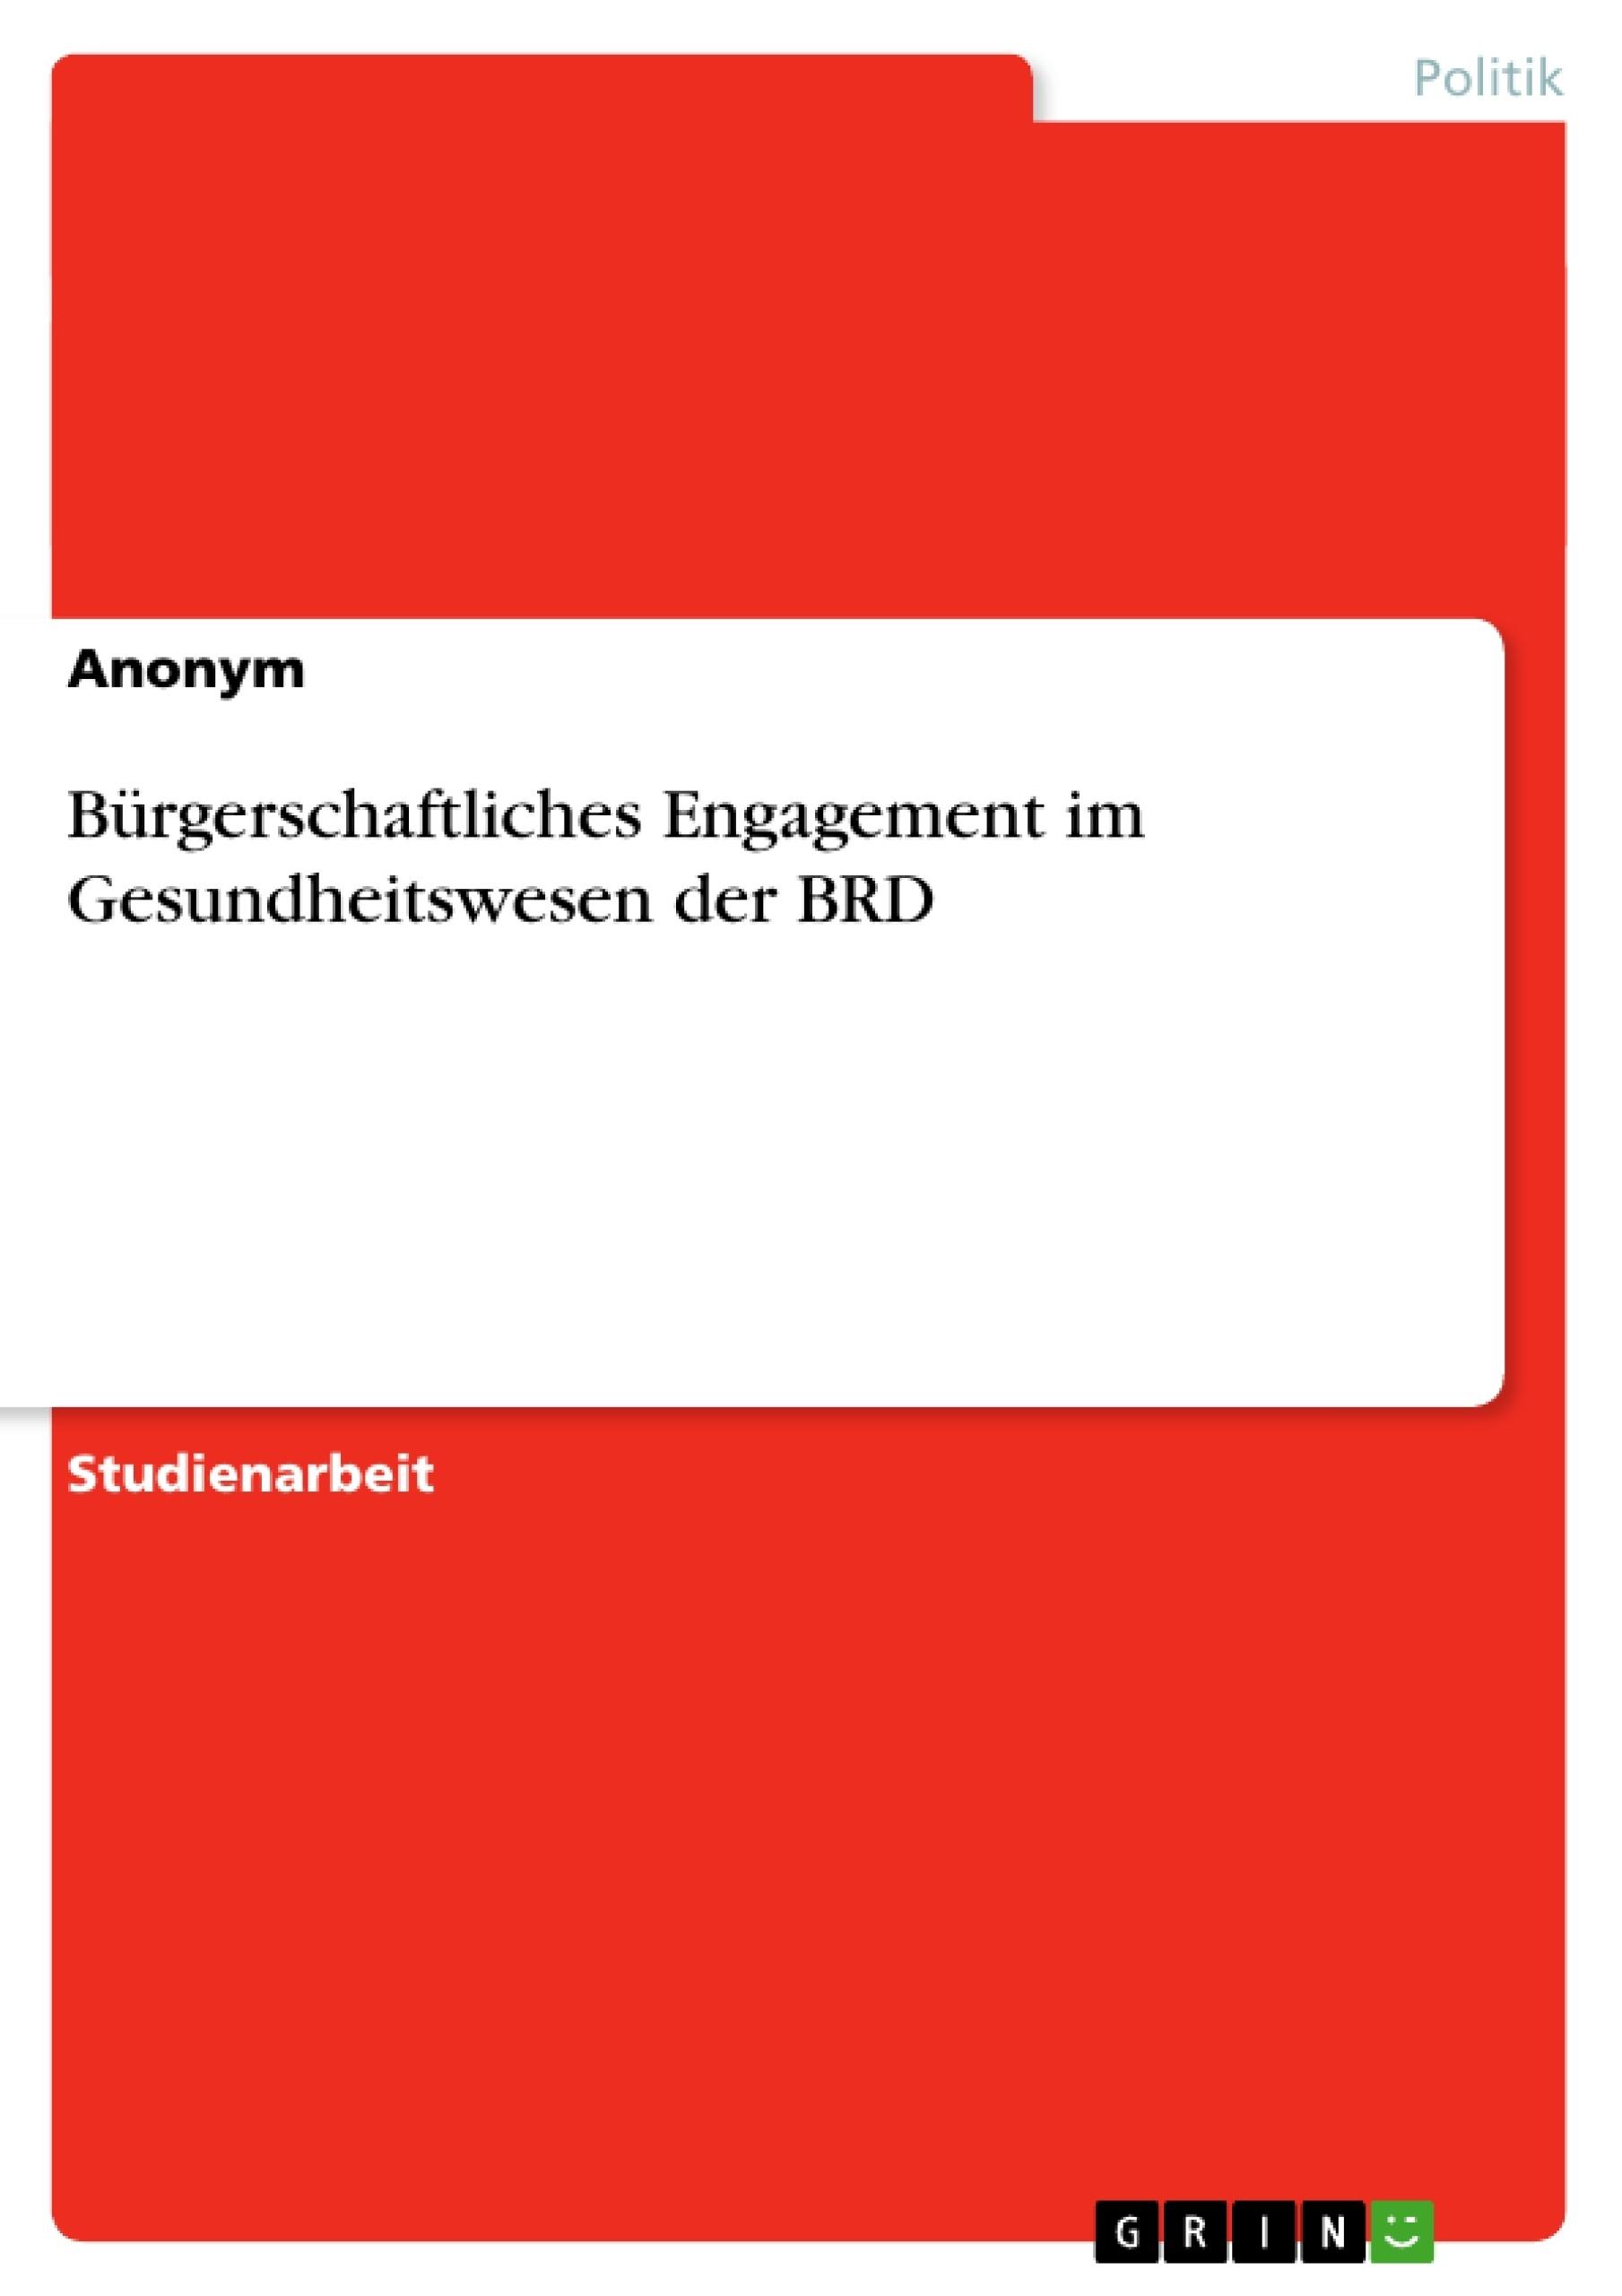 Titel: Bürgerschaftliches Engagement im Gesundheitswesen der BRD